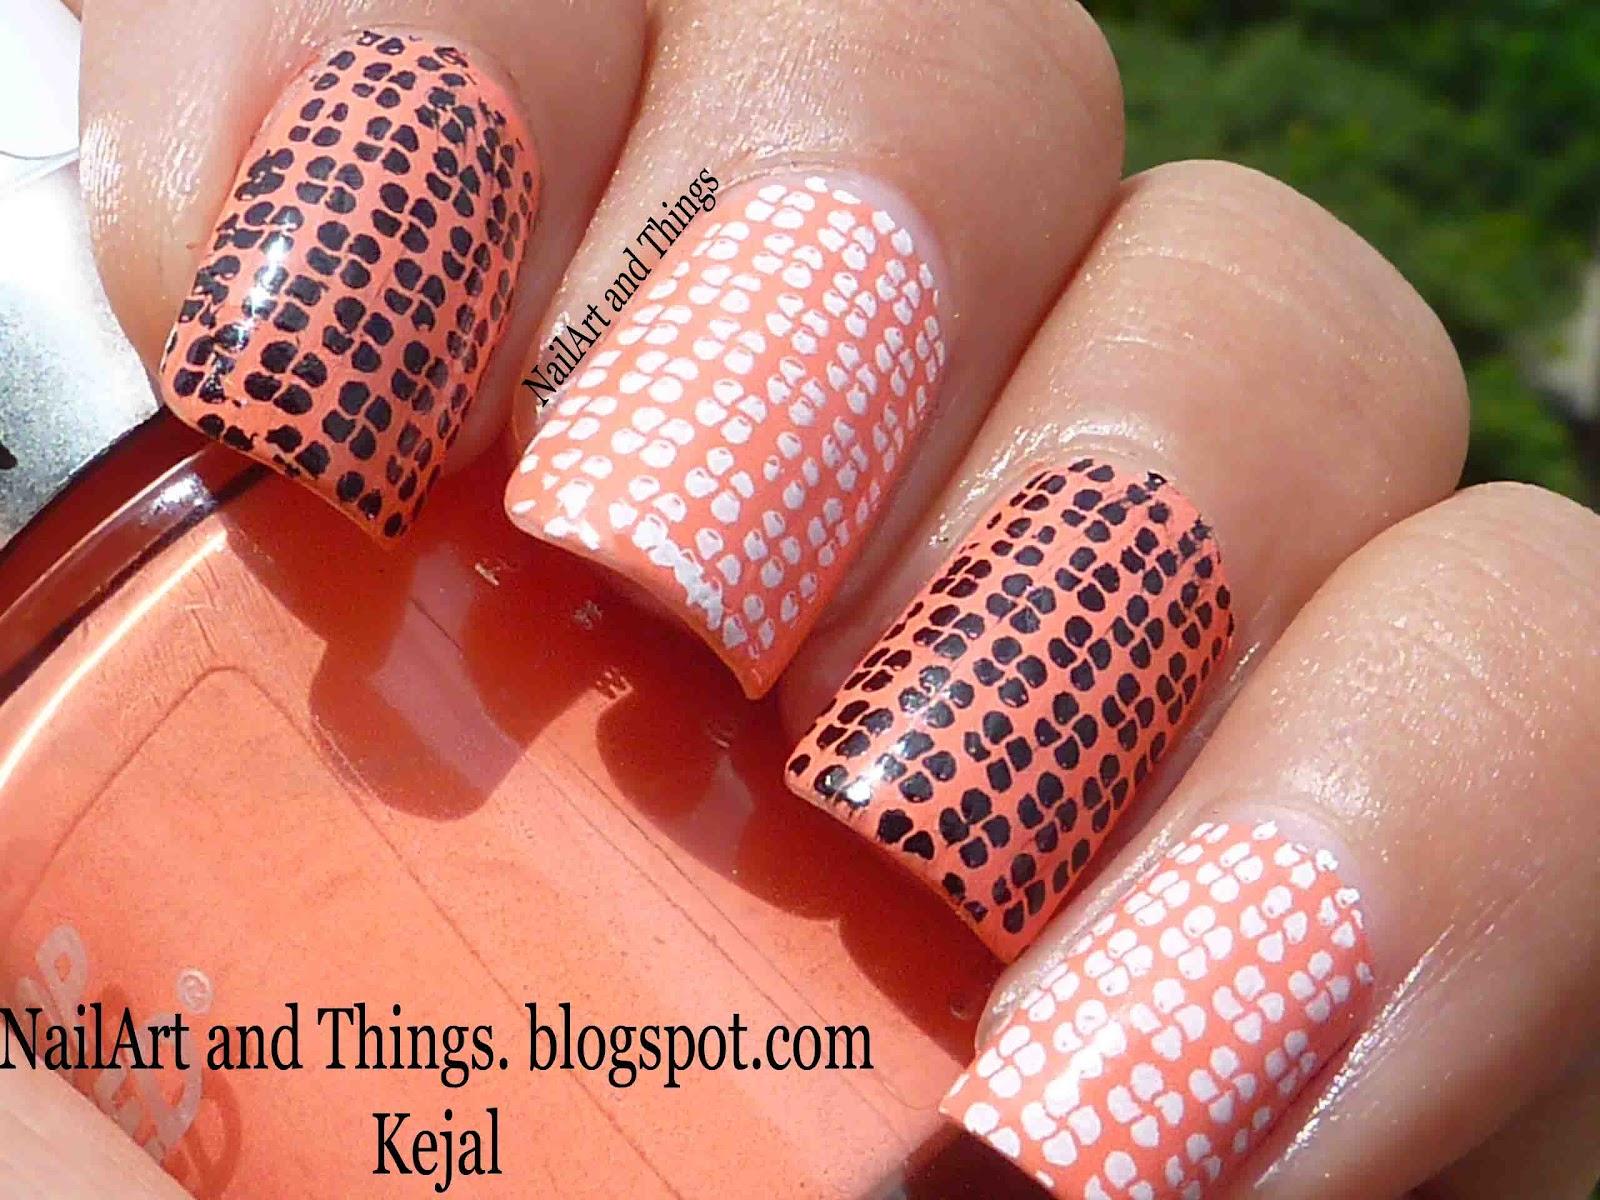 NailArt and Things: September 2012